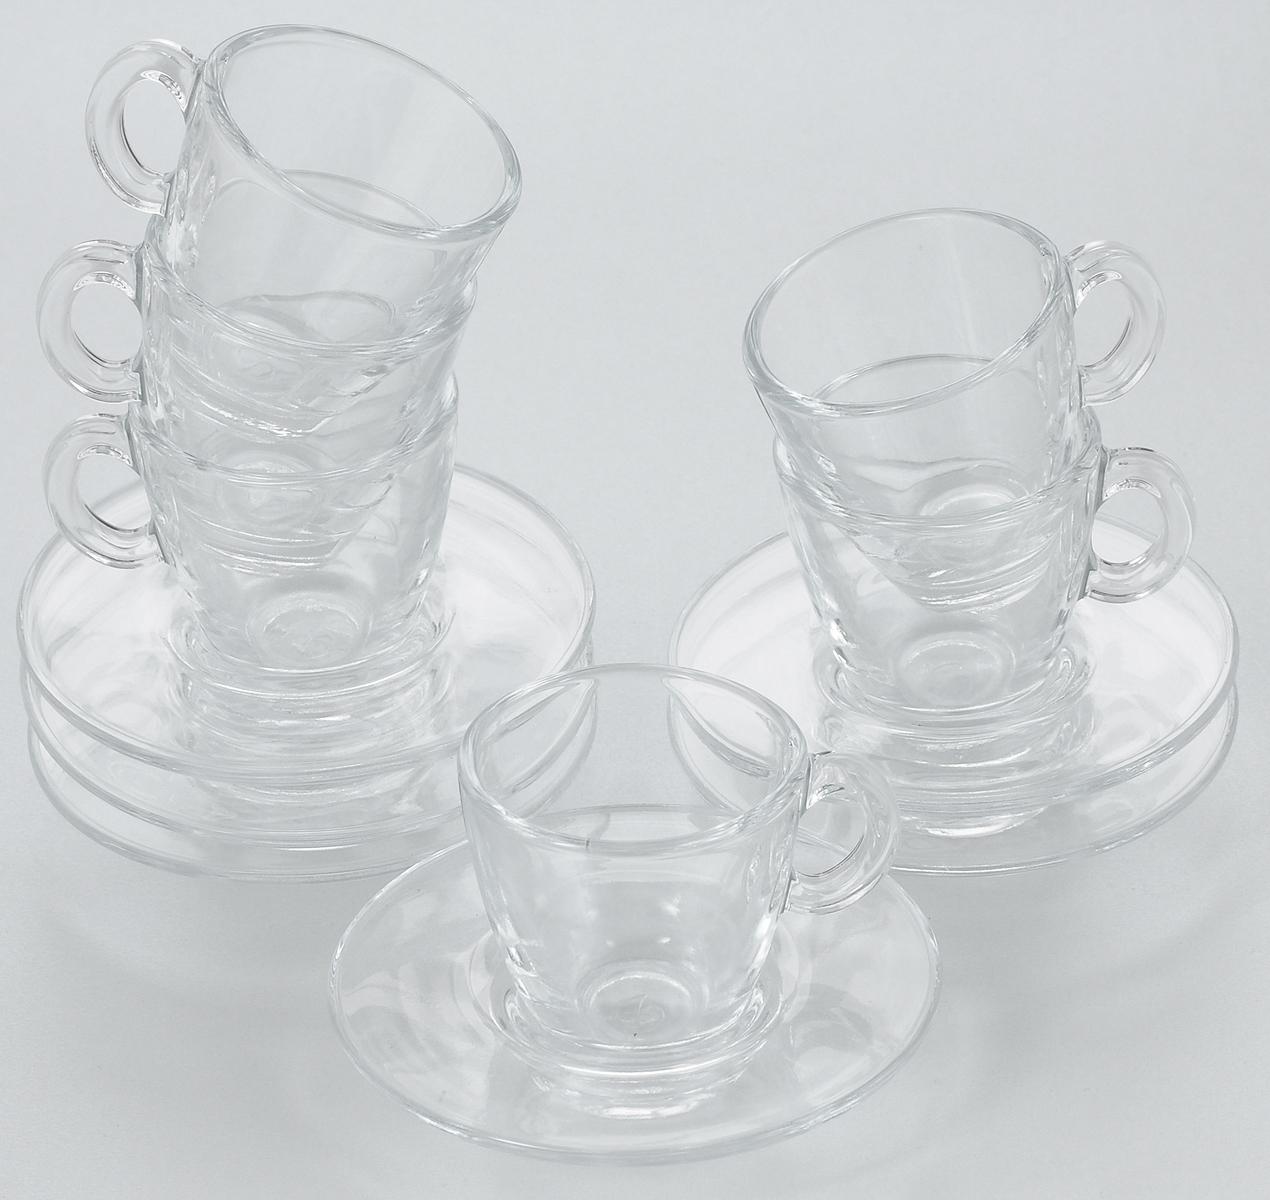 Набор чайный Pasabahce Aqua, 12 предметов. 95756BT95756BTЧайный набор Pasabahce Aqua состоит из шести чашек ишести блюдец. Предметы набора изготовлены из прочногонатрий-кальций-силикатного стекла.Изящный чайный набор великолепно украсит стол к чаепитиюи порадует вас и ваших гостей ярким дизайном и качествомисполнения. Диаметр чашки: 5,8 см.Диаметр блюдца: 10,2 см.